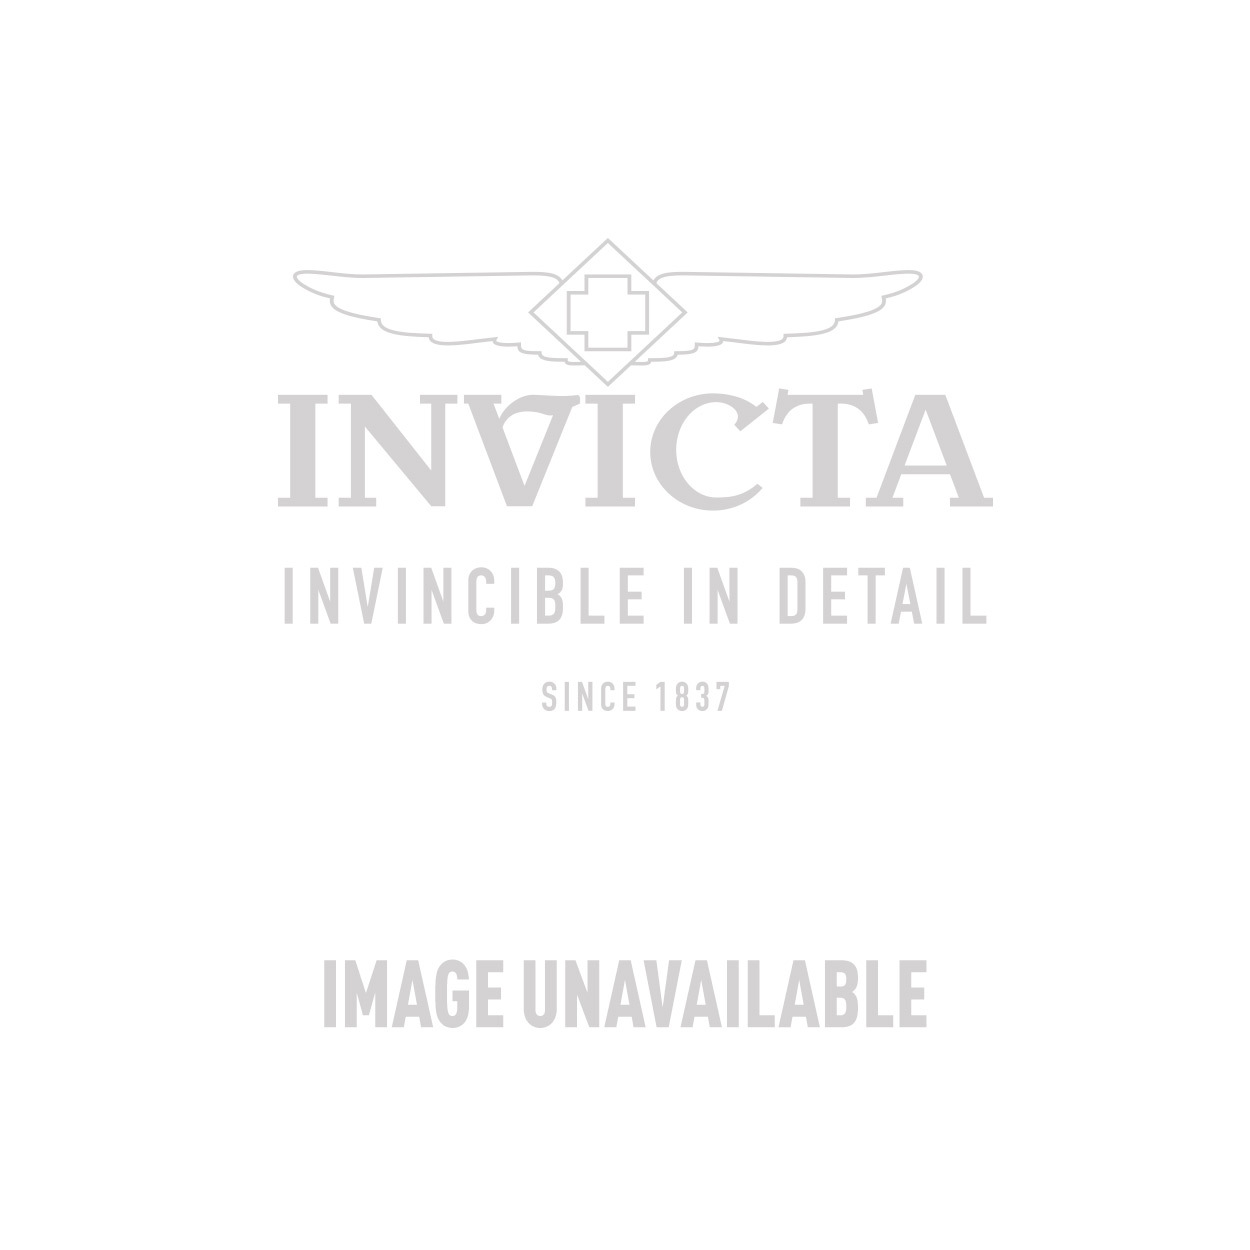 Invicta Model 27110